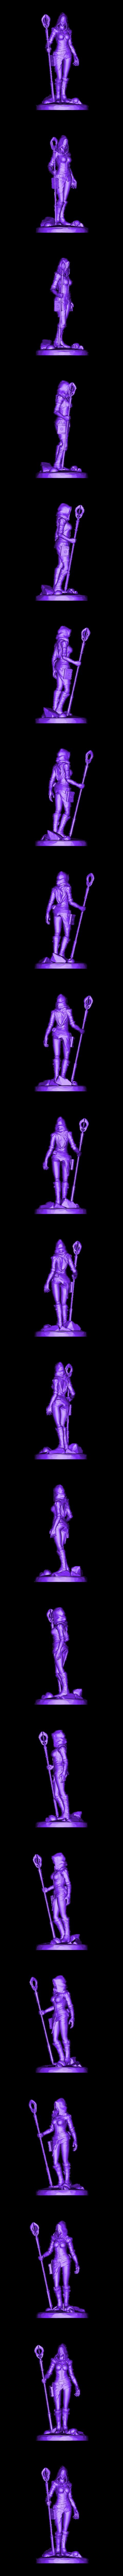 Dark_Priestess.stl Download OBJ file Dark Priestess • 3D print model, Harkyn